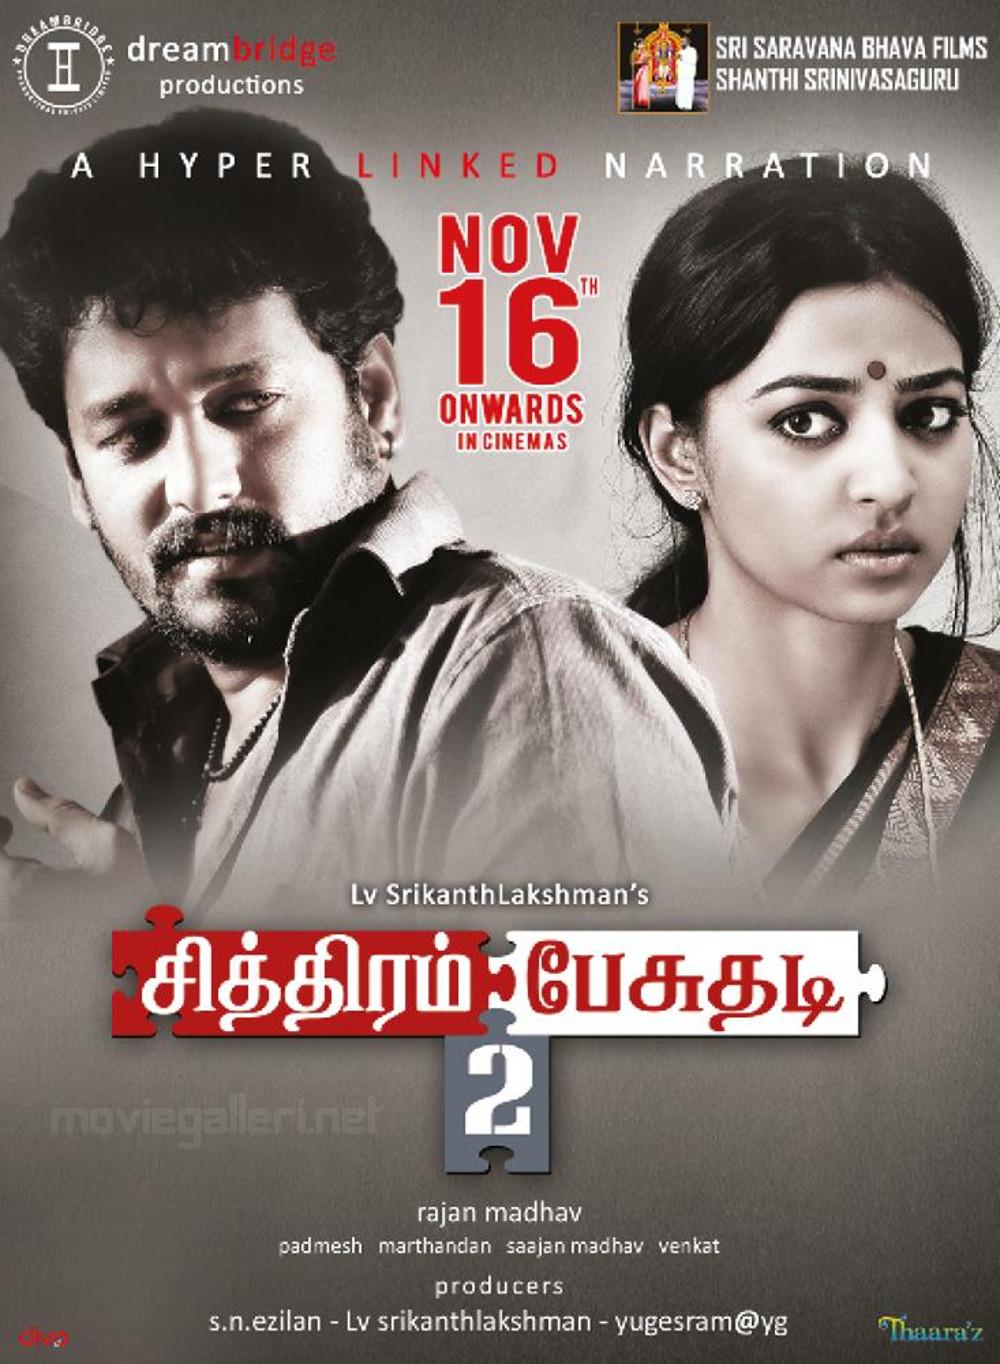 Vidharth, Radhika Apte in Chithiram Pesuthadi 2 Movie Release Date on Nov 16th Posters